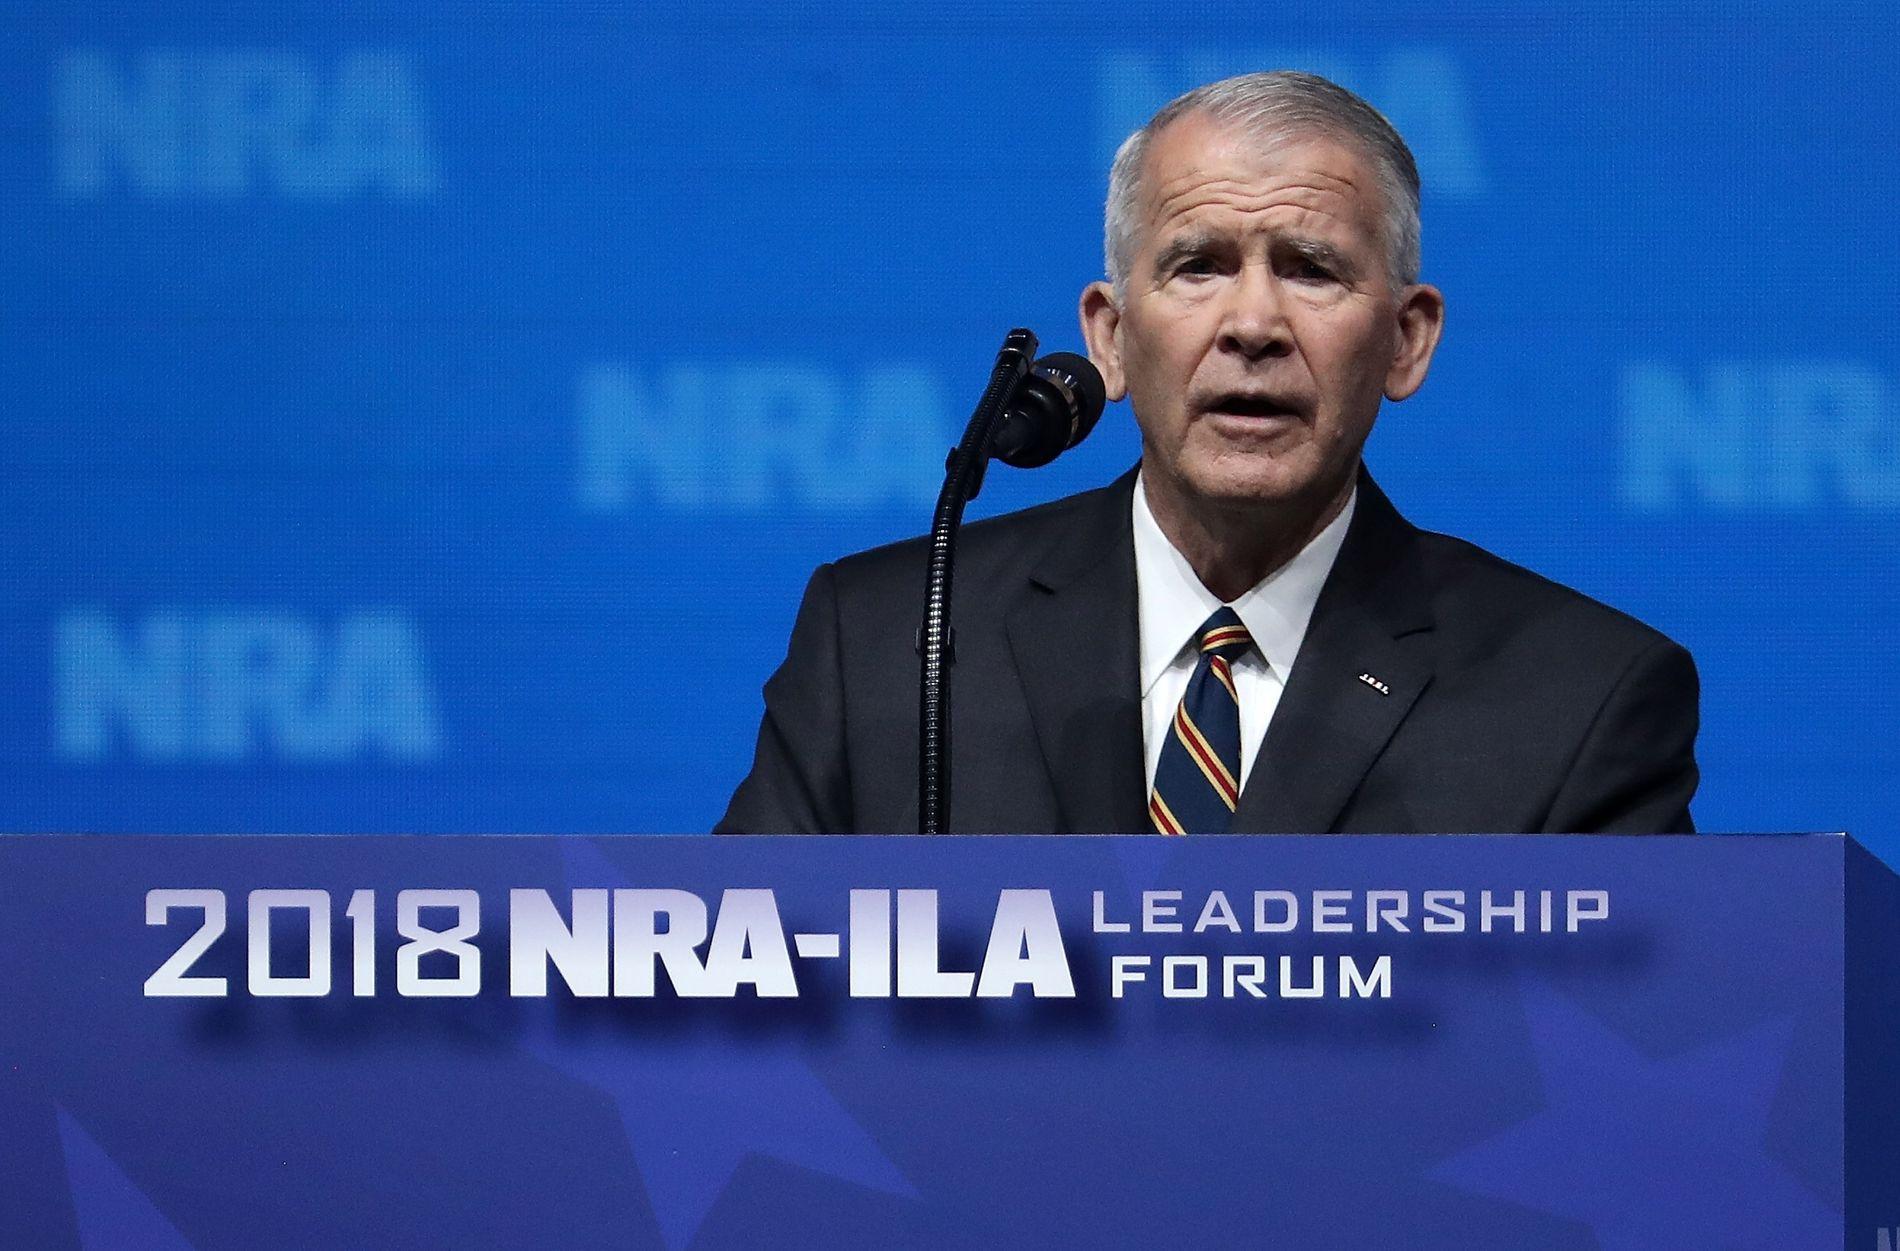 OMSTRIDT: Tidligere Det hvite hus-rådgiver, og Vietnam-veteran blir ny leder for den omstridte våpenorganisasjonen.